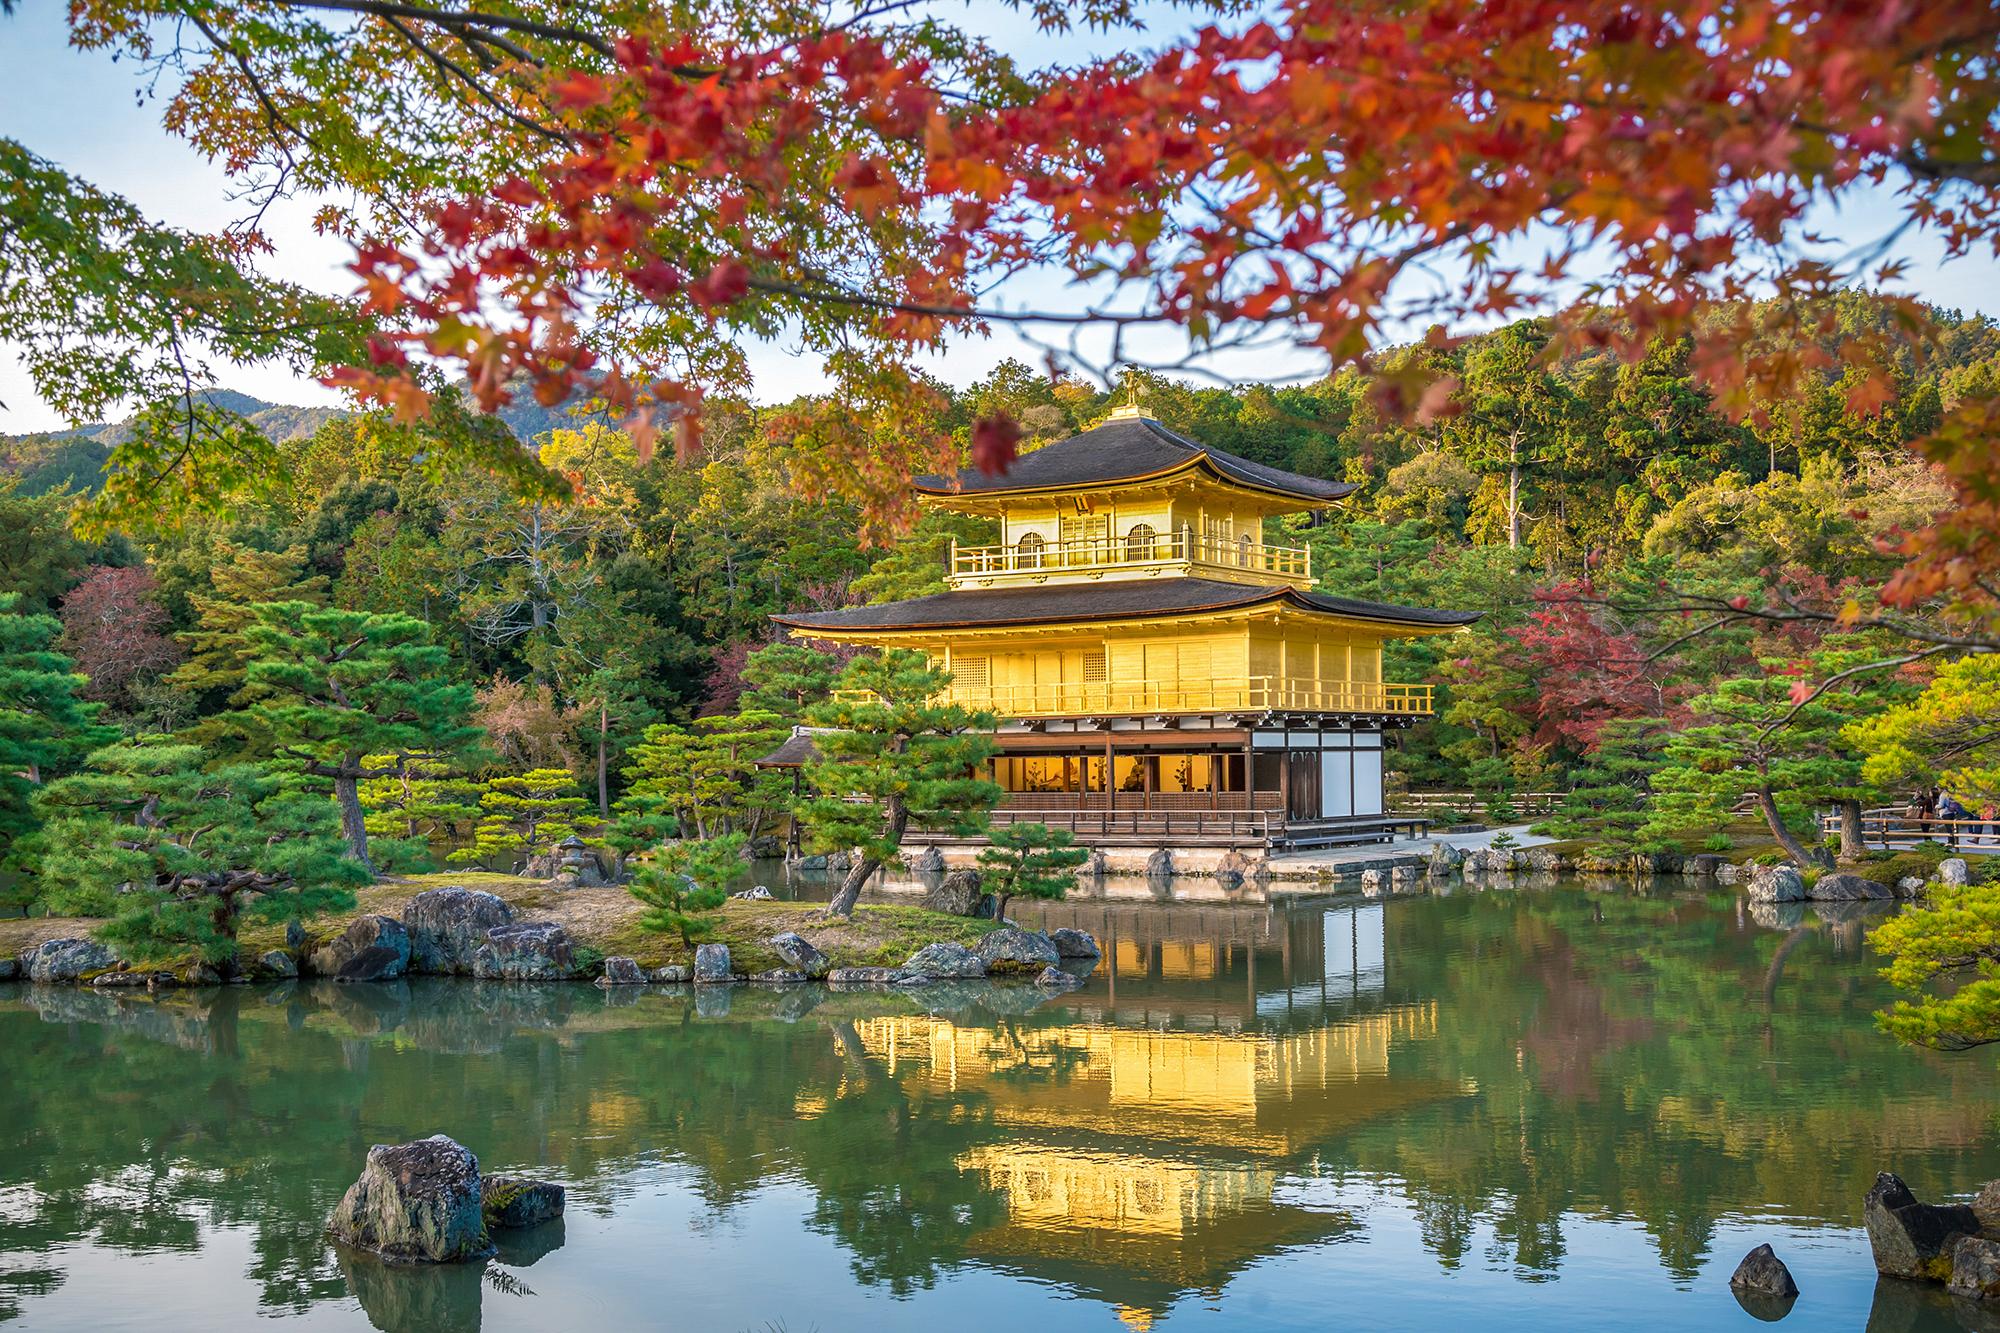 Beautiful fall foliage scene at Kinkaku-ji in Kyoto.